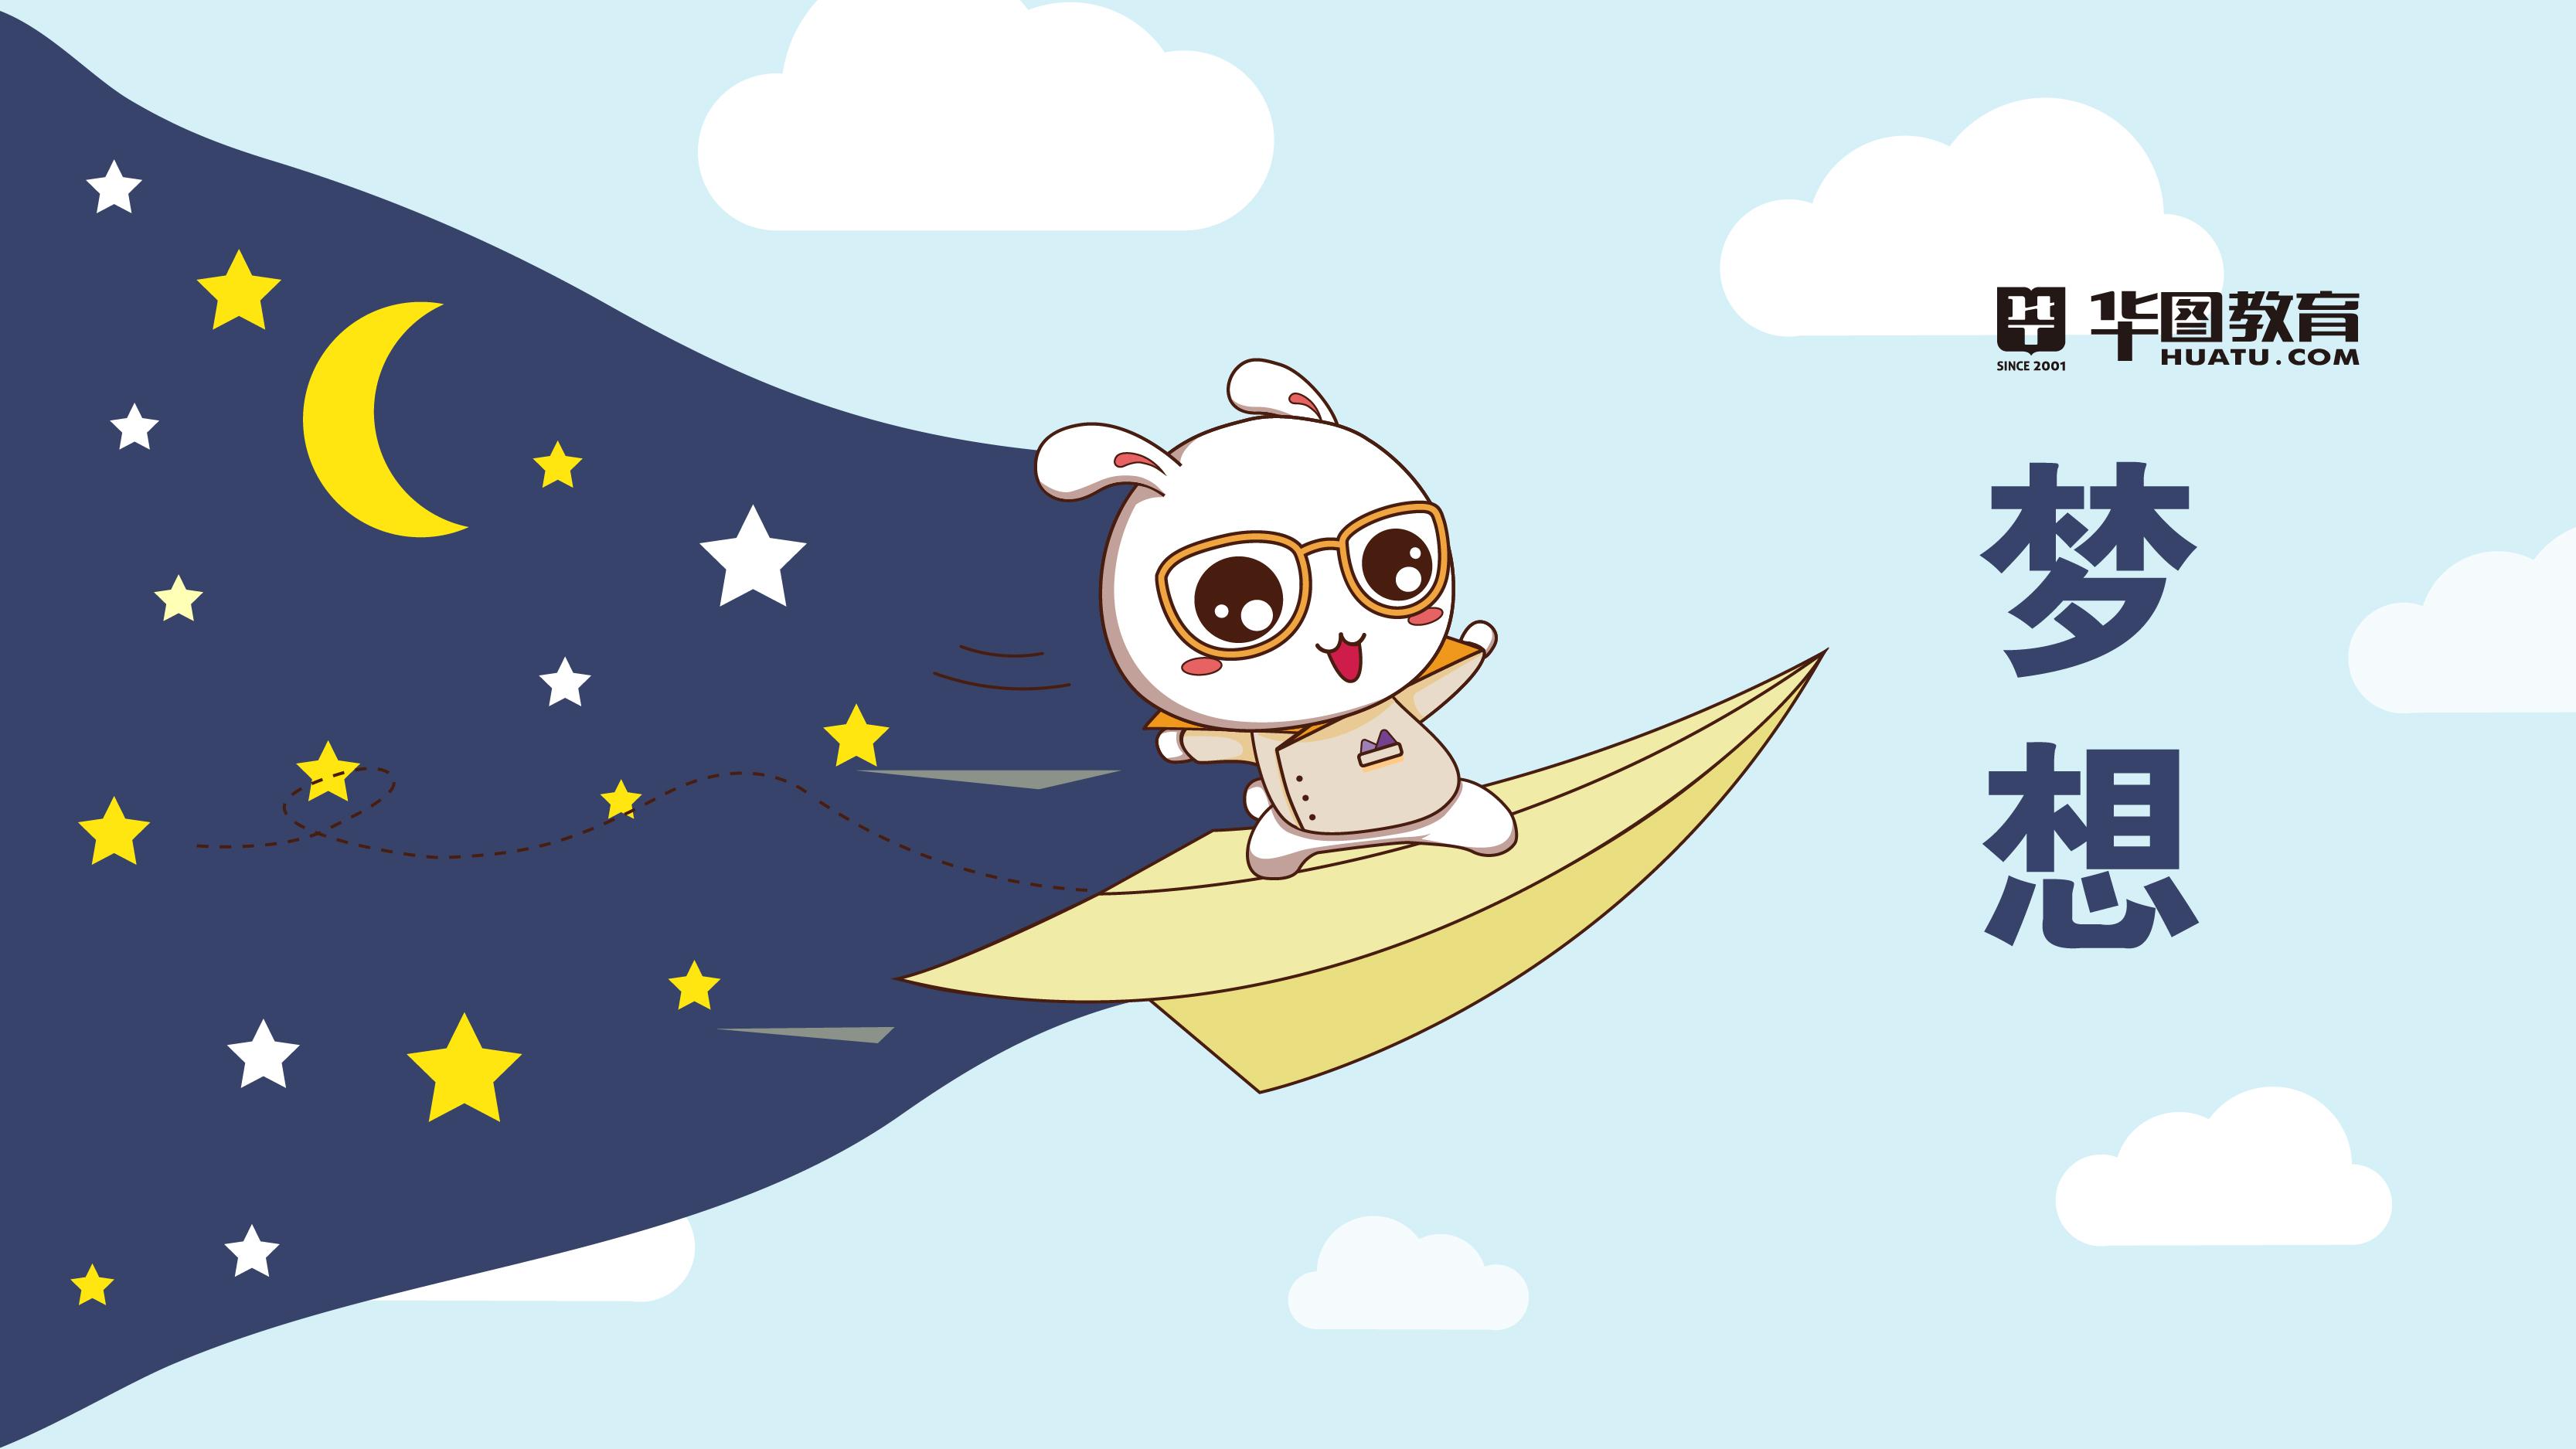 """""""2020搜狐财经峰会""""聚焦热点经济话题2020年舆论热点事件"""